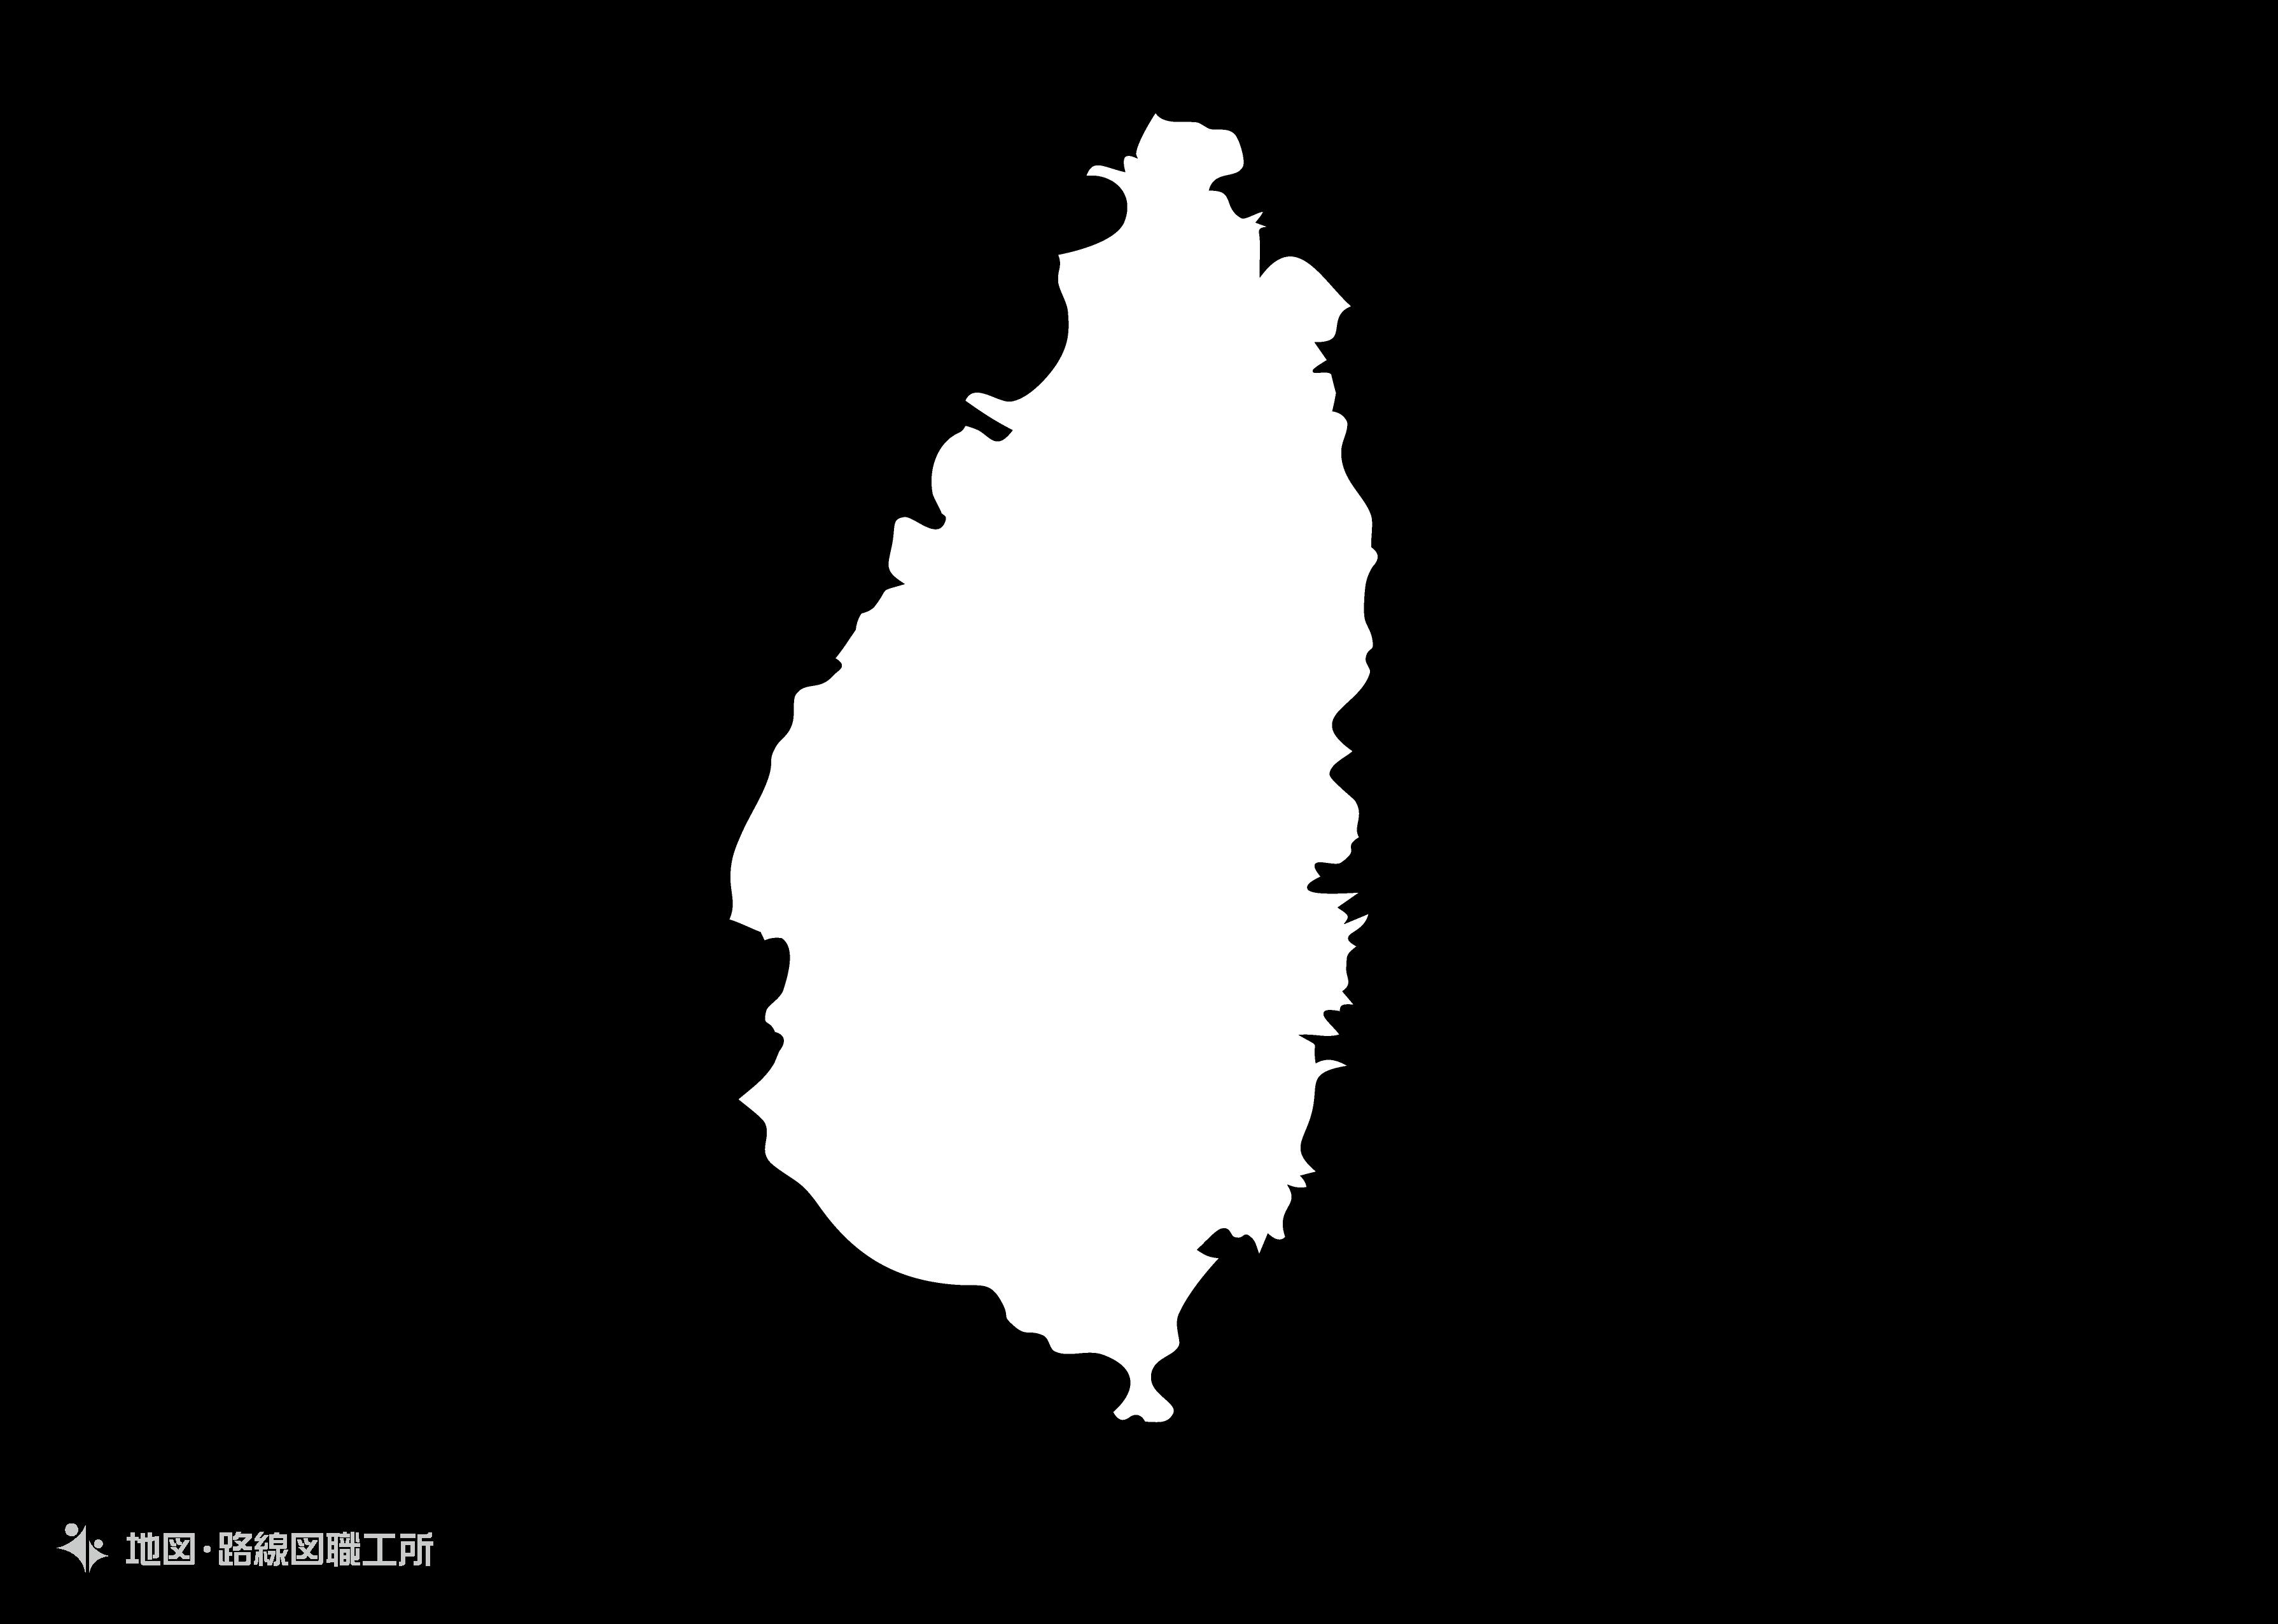 世界の白地図 セントルシア saint-lucia map